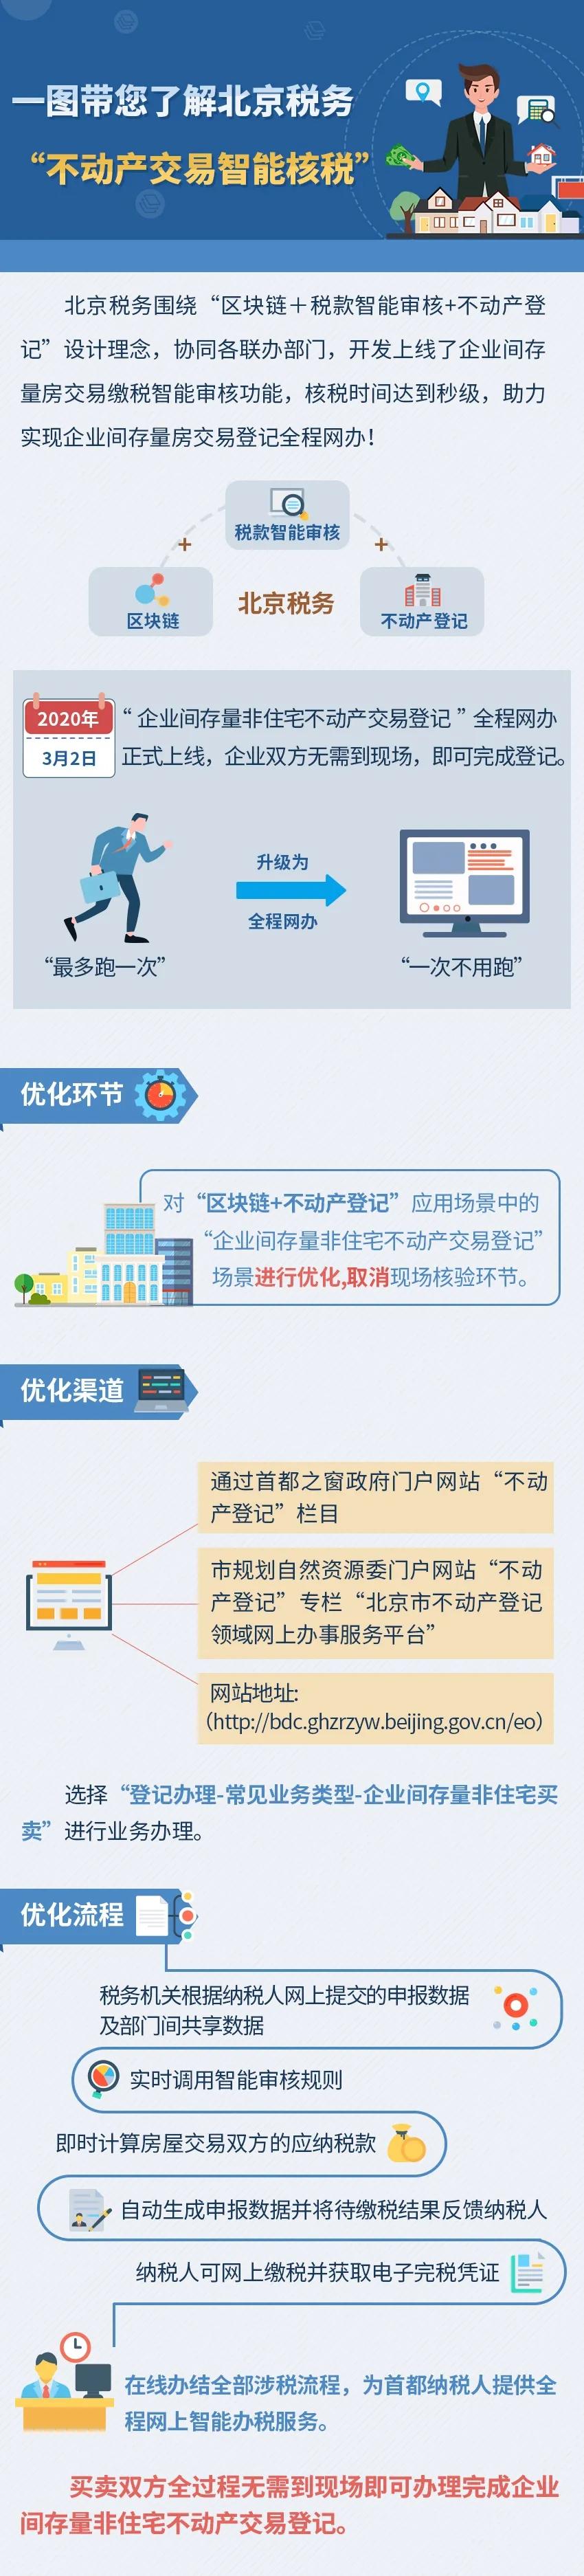 """一图带您了解北京税务""""不动产交易智能核税""""图片"""